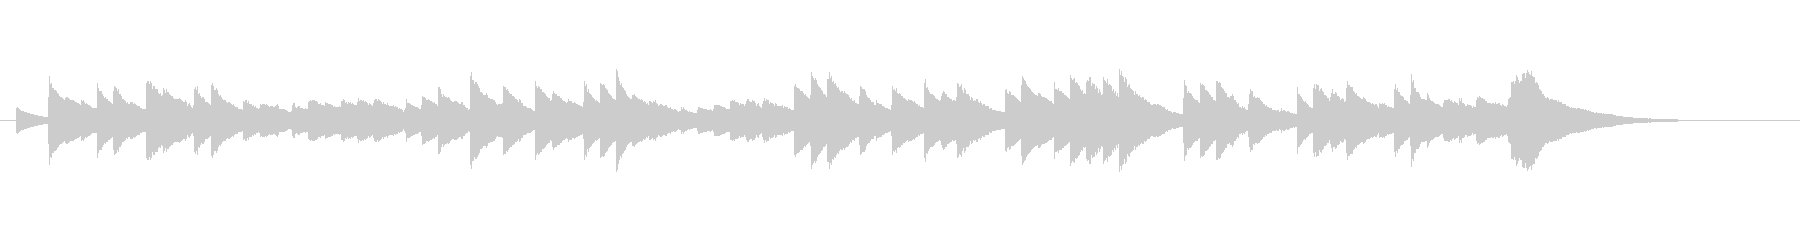 寂しい雰囲気のオルゴールの未再生の波形